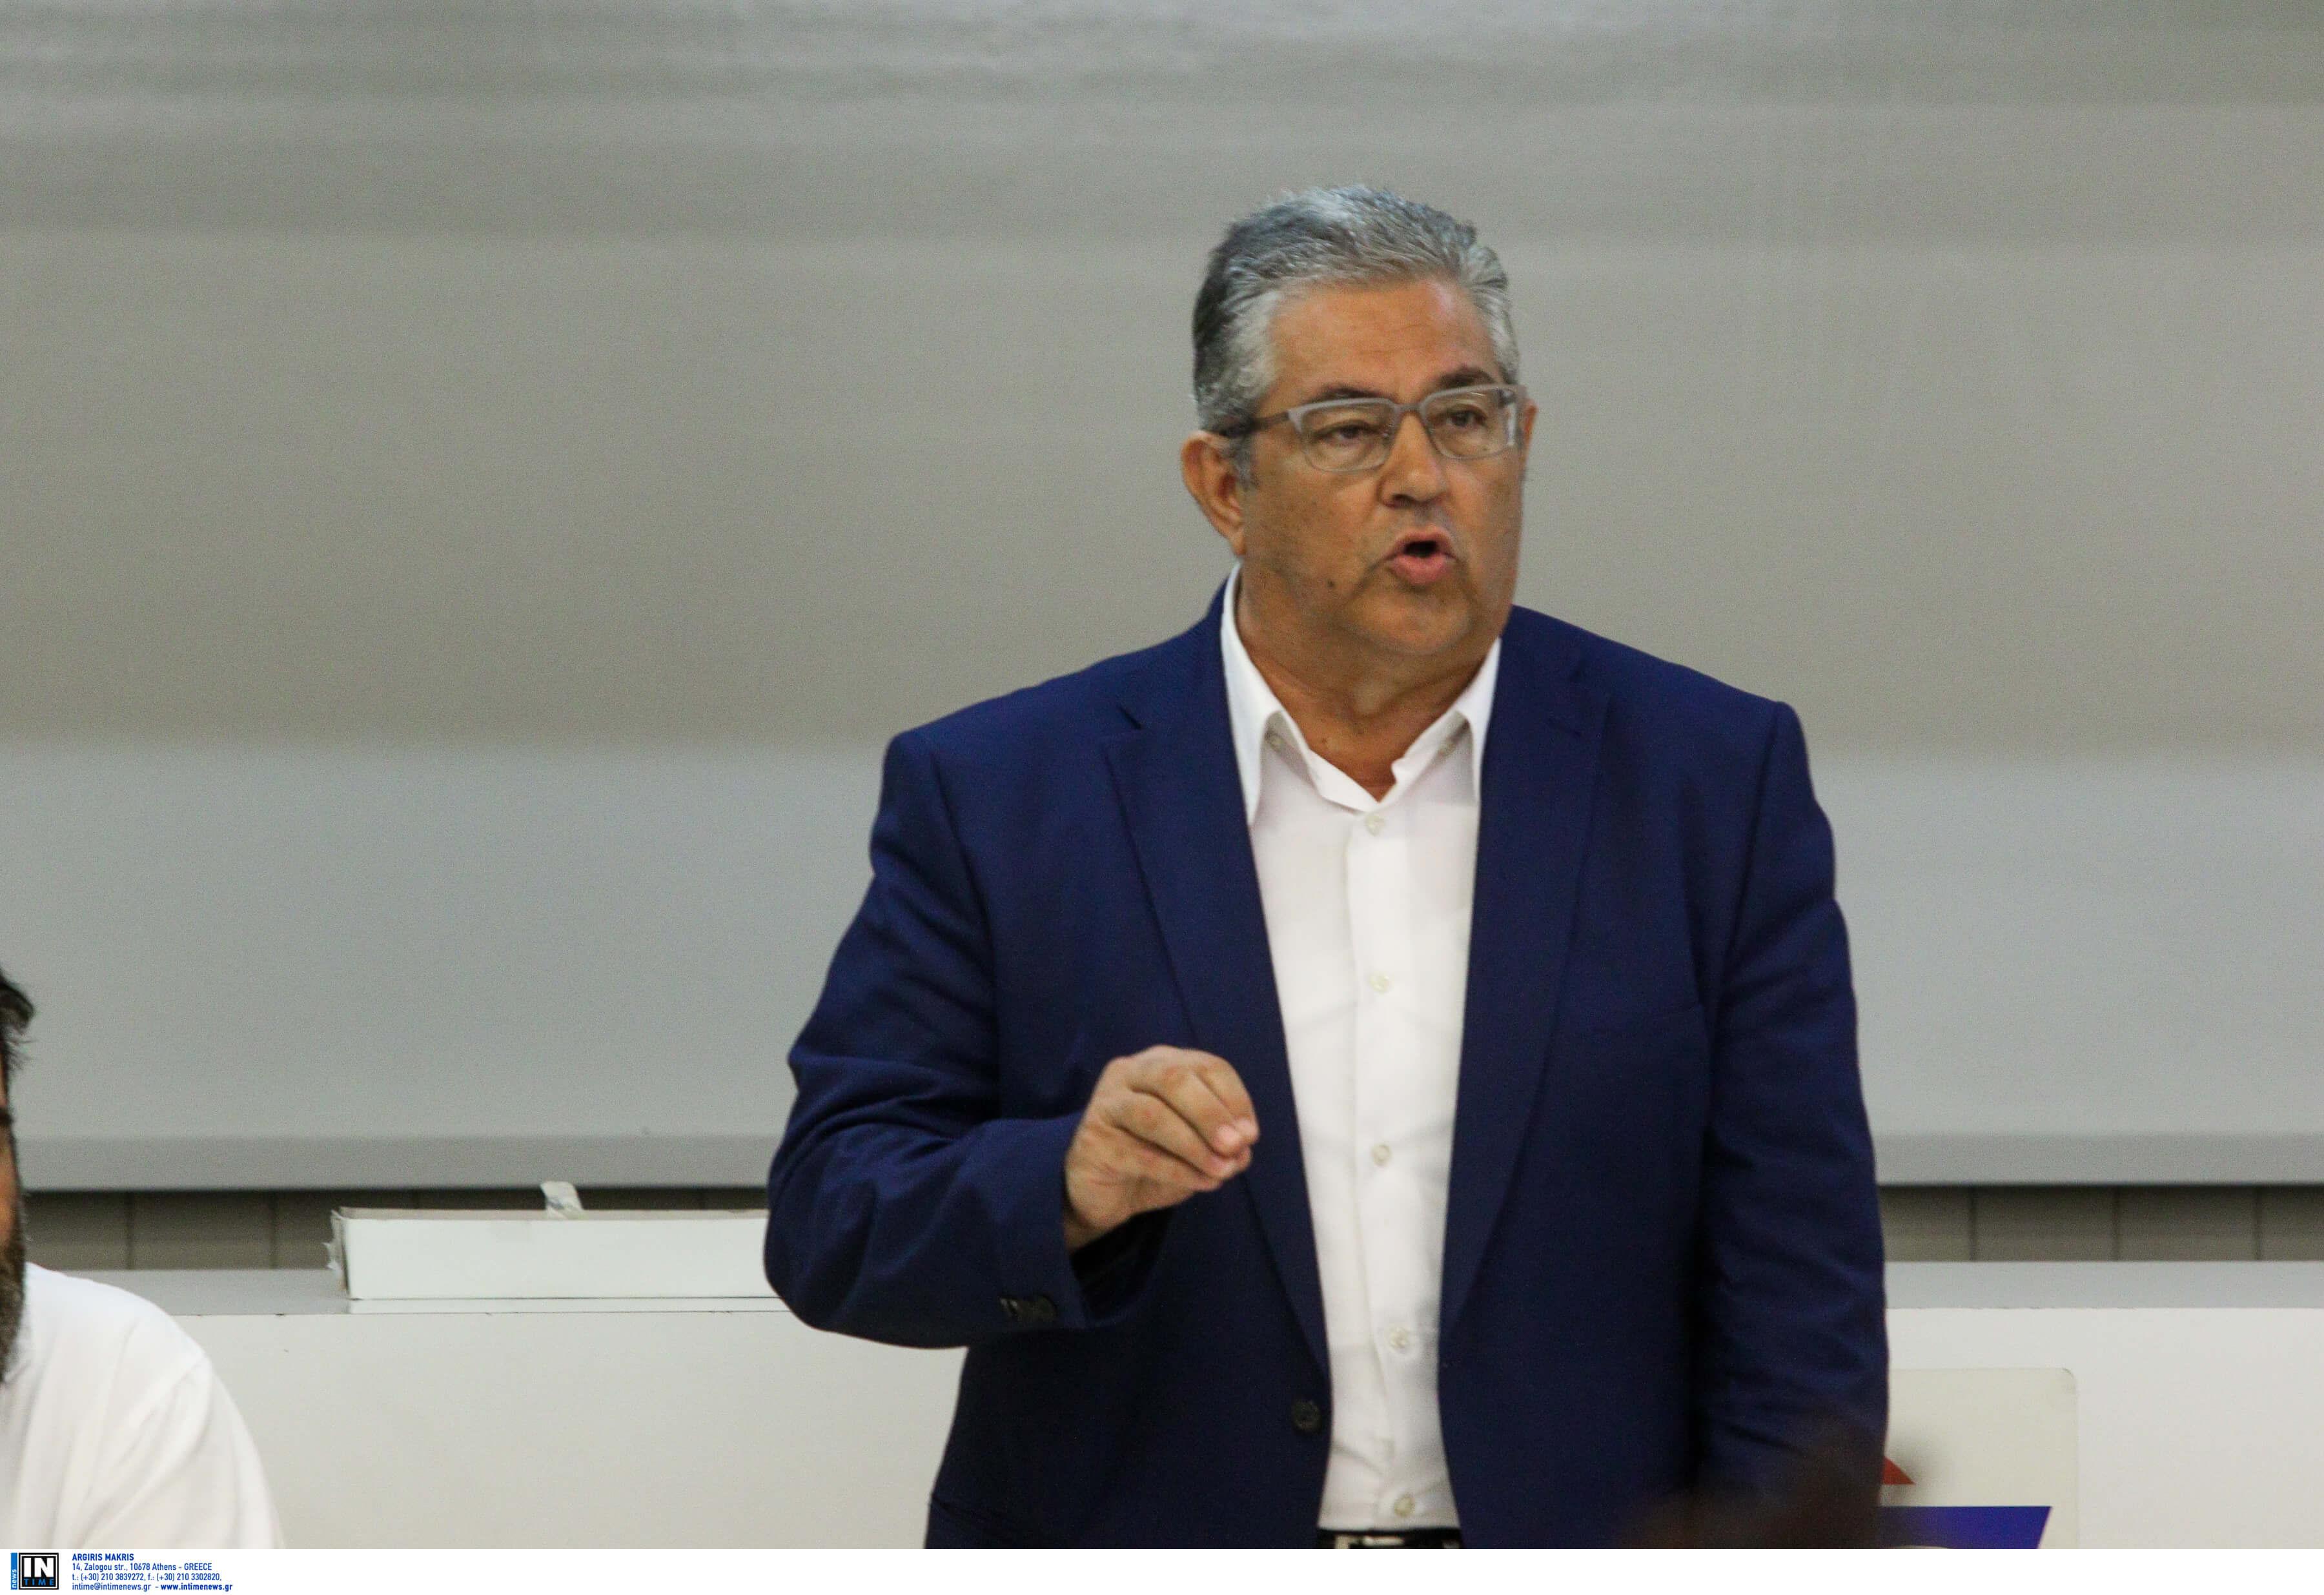 Κουτσούμπας: Η κυβέρνηση αντί να ενισχύσει την Δημόσια Υγεία, δίνει δωράκια στους κλινικάρχες